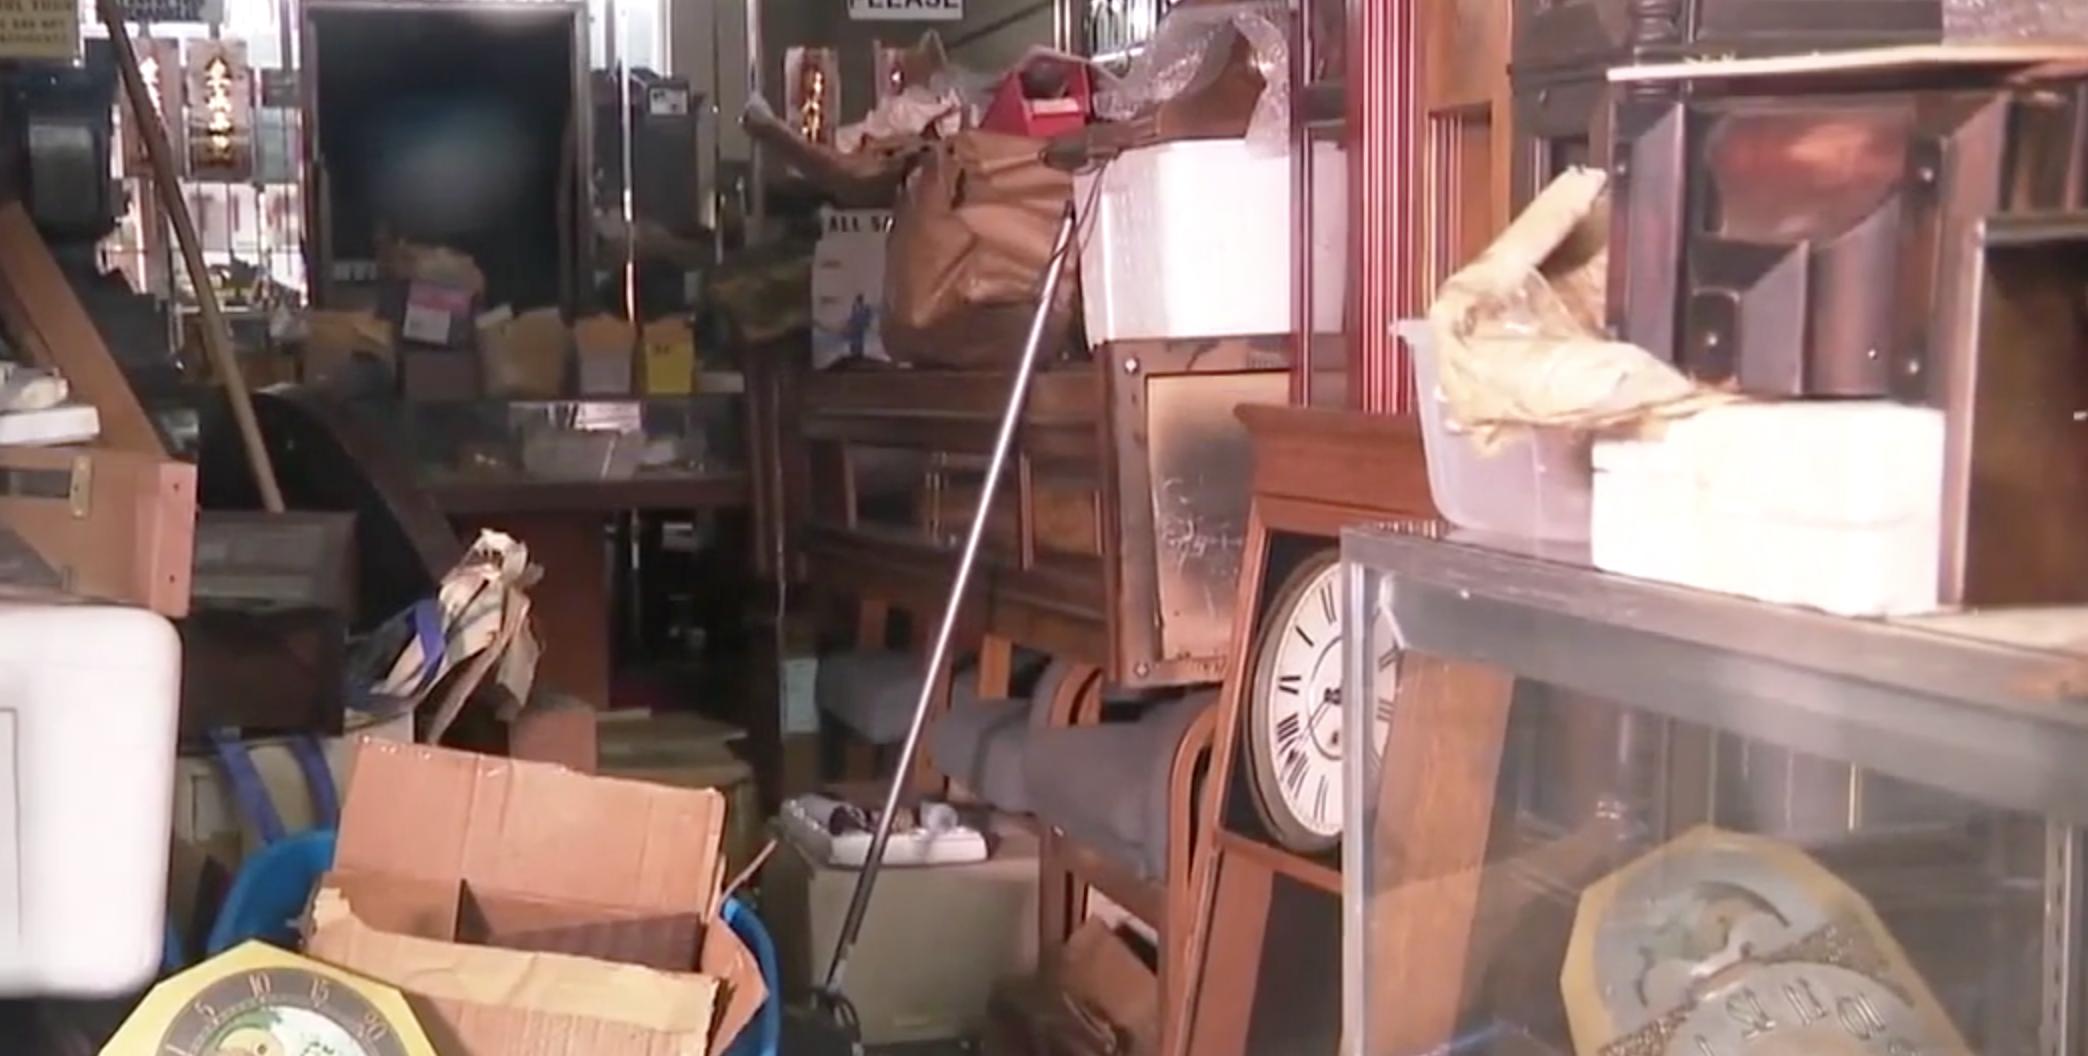 鐘錶店內一片狼藉,珍貴物品不翼而飛。(取材自Kprc2)